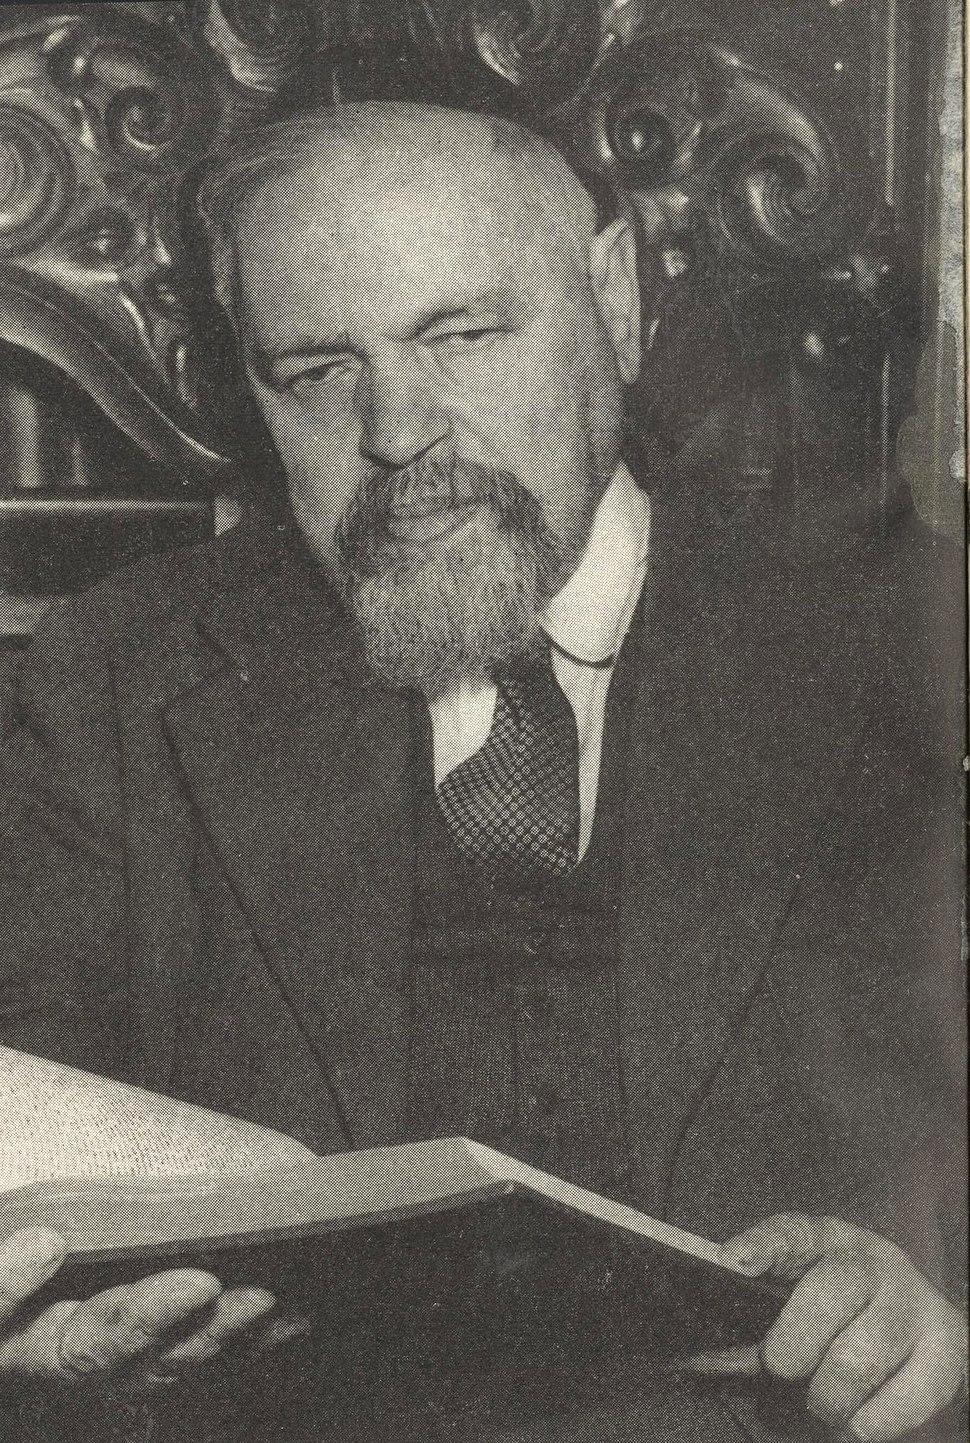 הרב מאיר בר-אילן